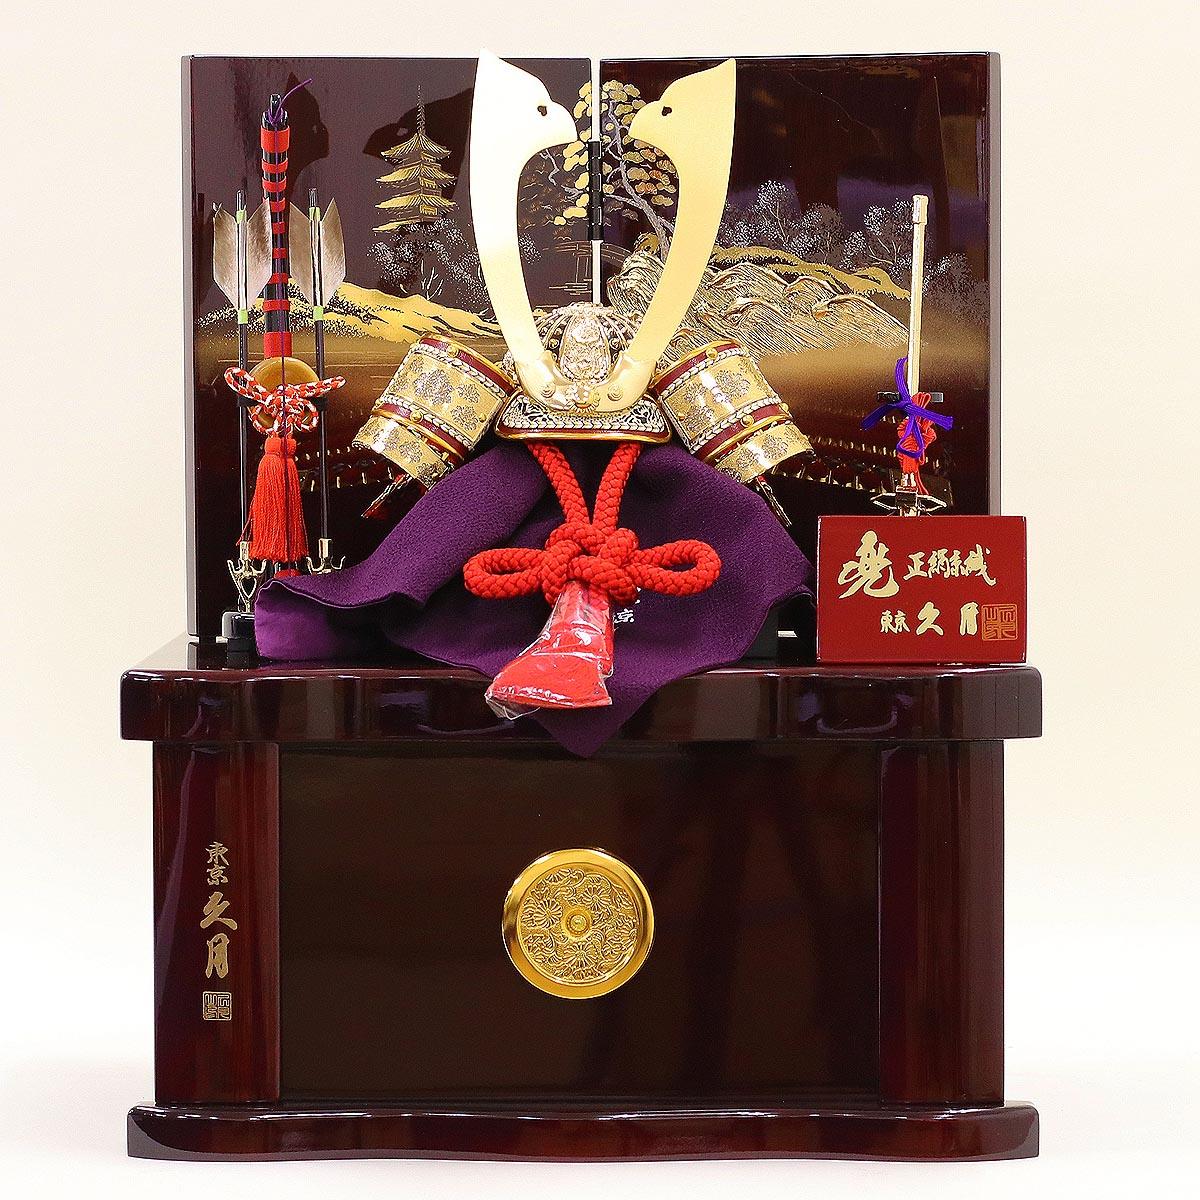 五月人形 久月 兜収納飾り 久月 正絹赤糸威 兜収納飾り 久月 ≪GOQ-1178≫コンパクト おしゃれ 兜収納飾り 家紋入れ 兜 収納飾り 五月人形 [P10]